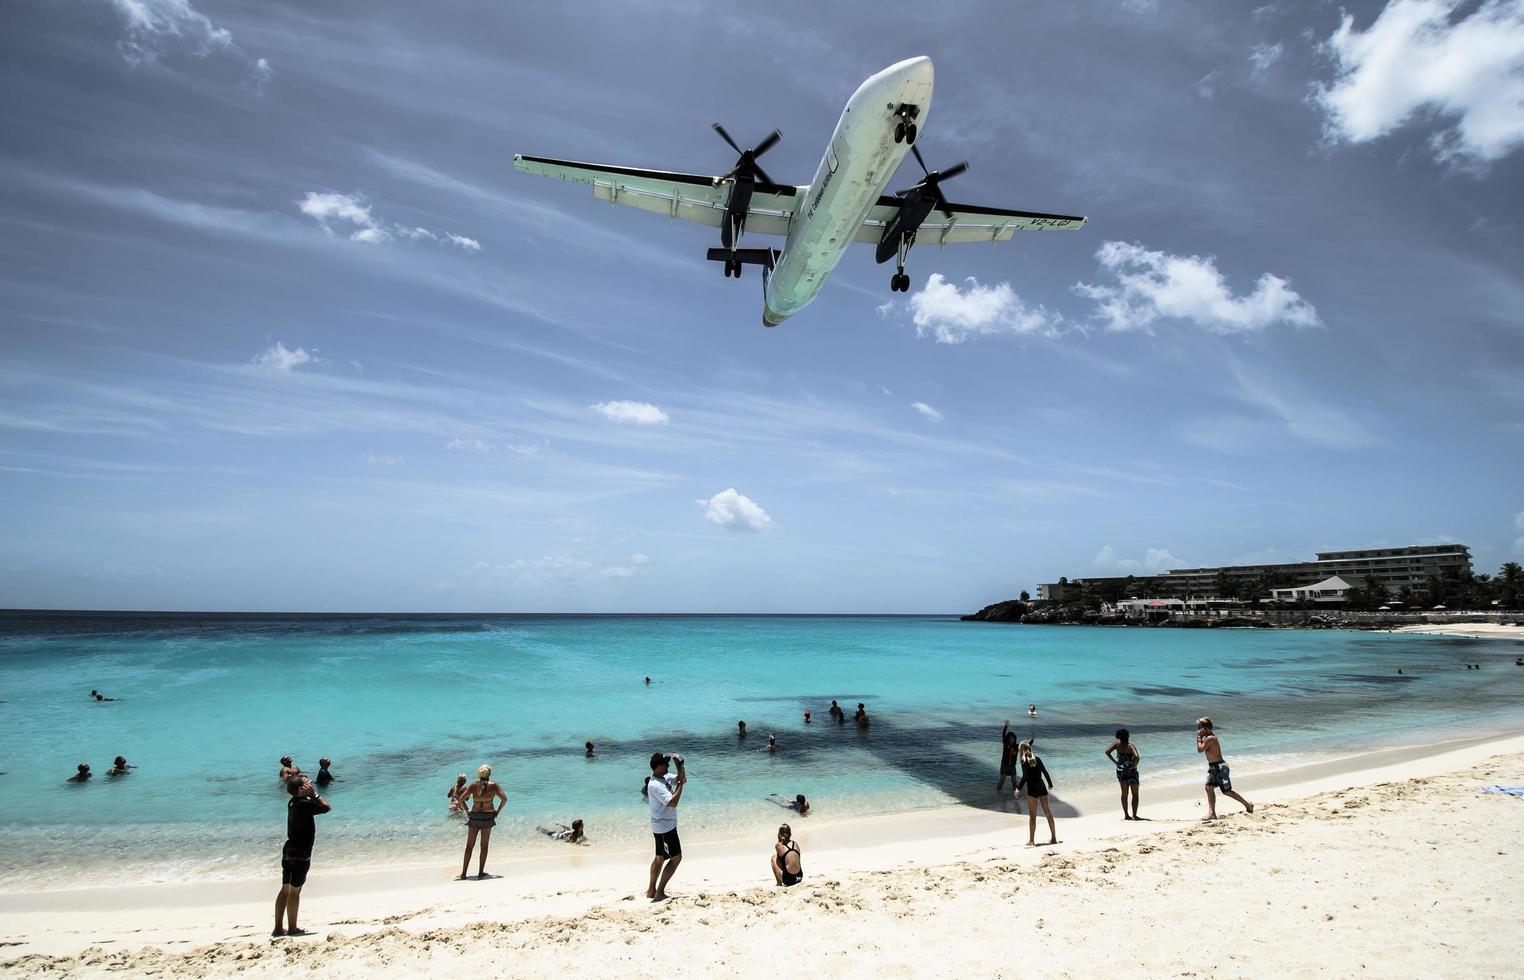 st. Martin, 2013 - toeristen verdringen Maho Beach terwijl laagvliegende vliegtuigen de landingsbaan over de kustlijn naderen foto